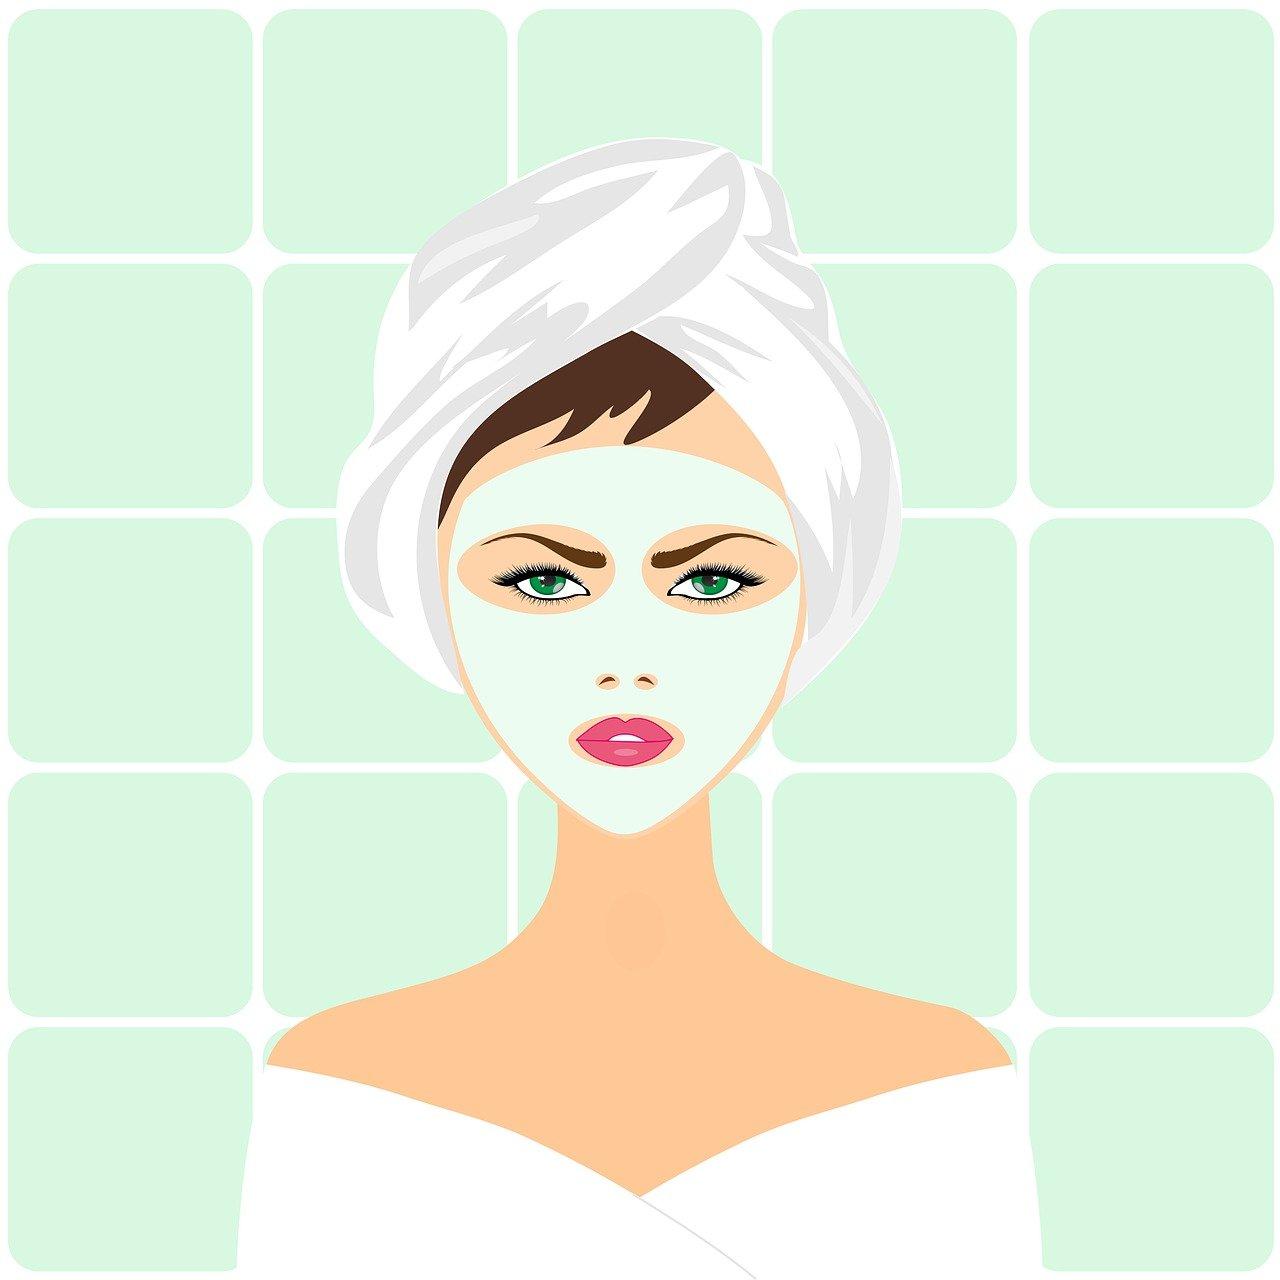 40代向け化粧水の人気おすすめランキング20選【プチプラ・ドラッグストア商品も紹介】のサムネイル画像